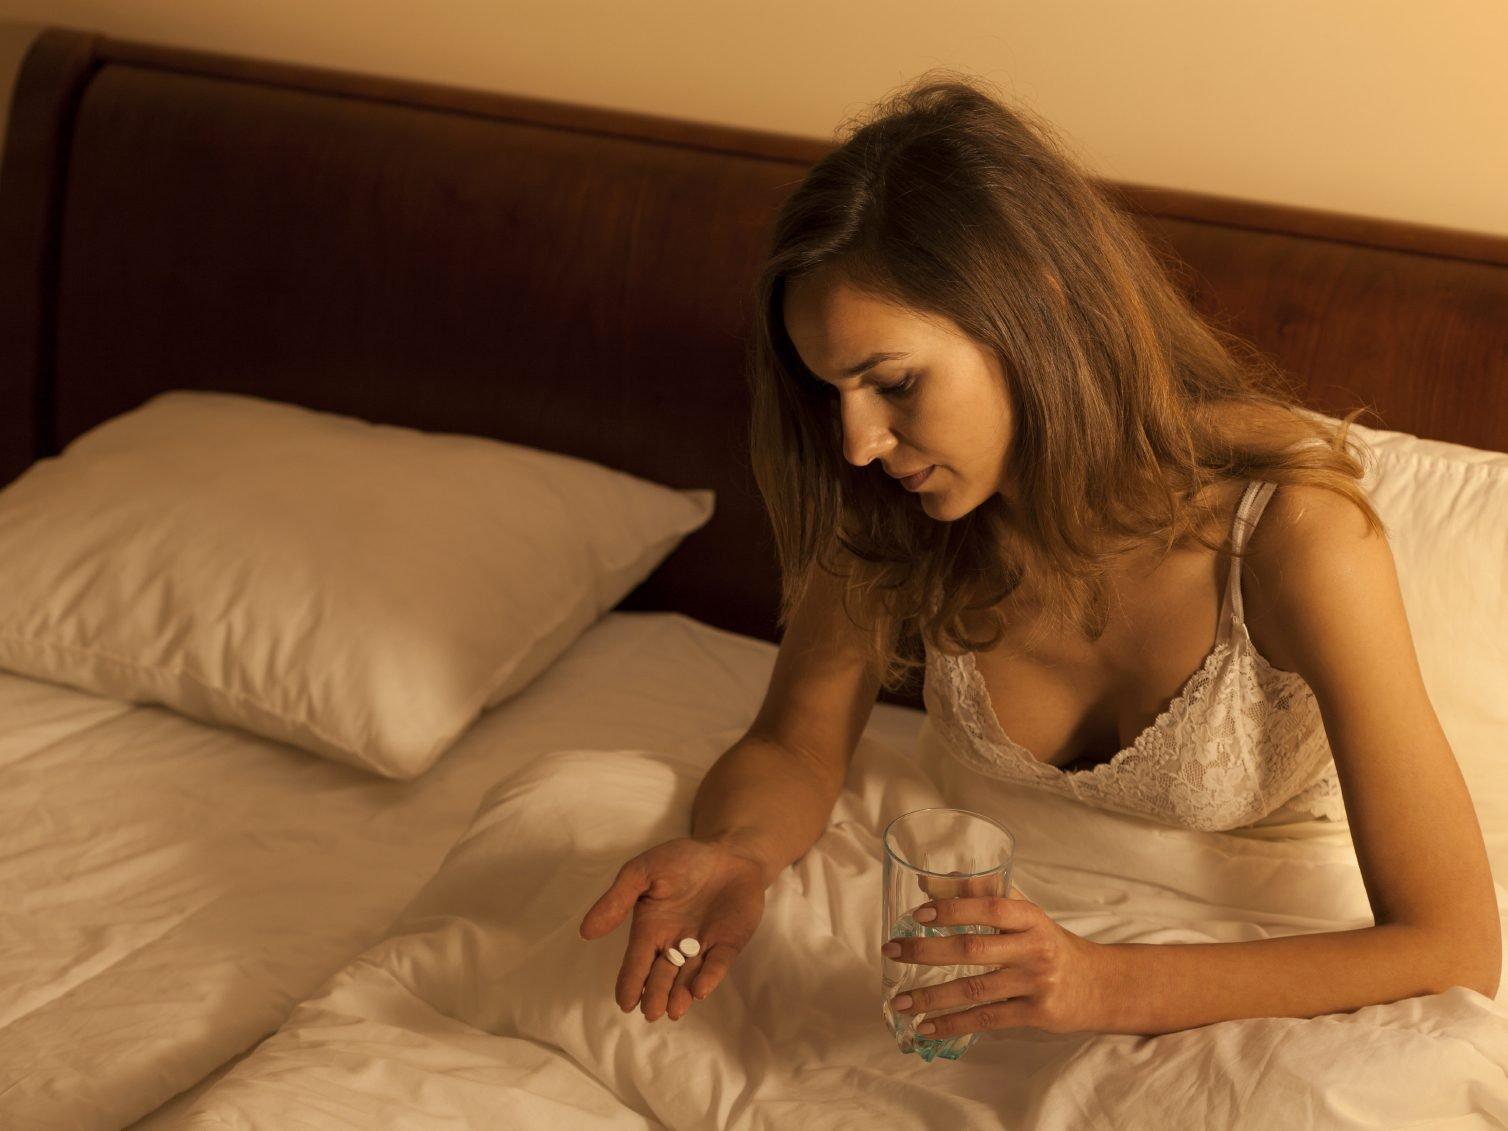 Le sommeil aide à guérir des symptômes de la gueule de bois